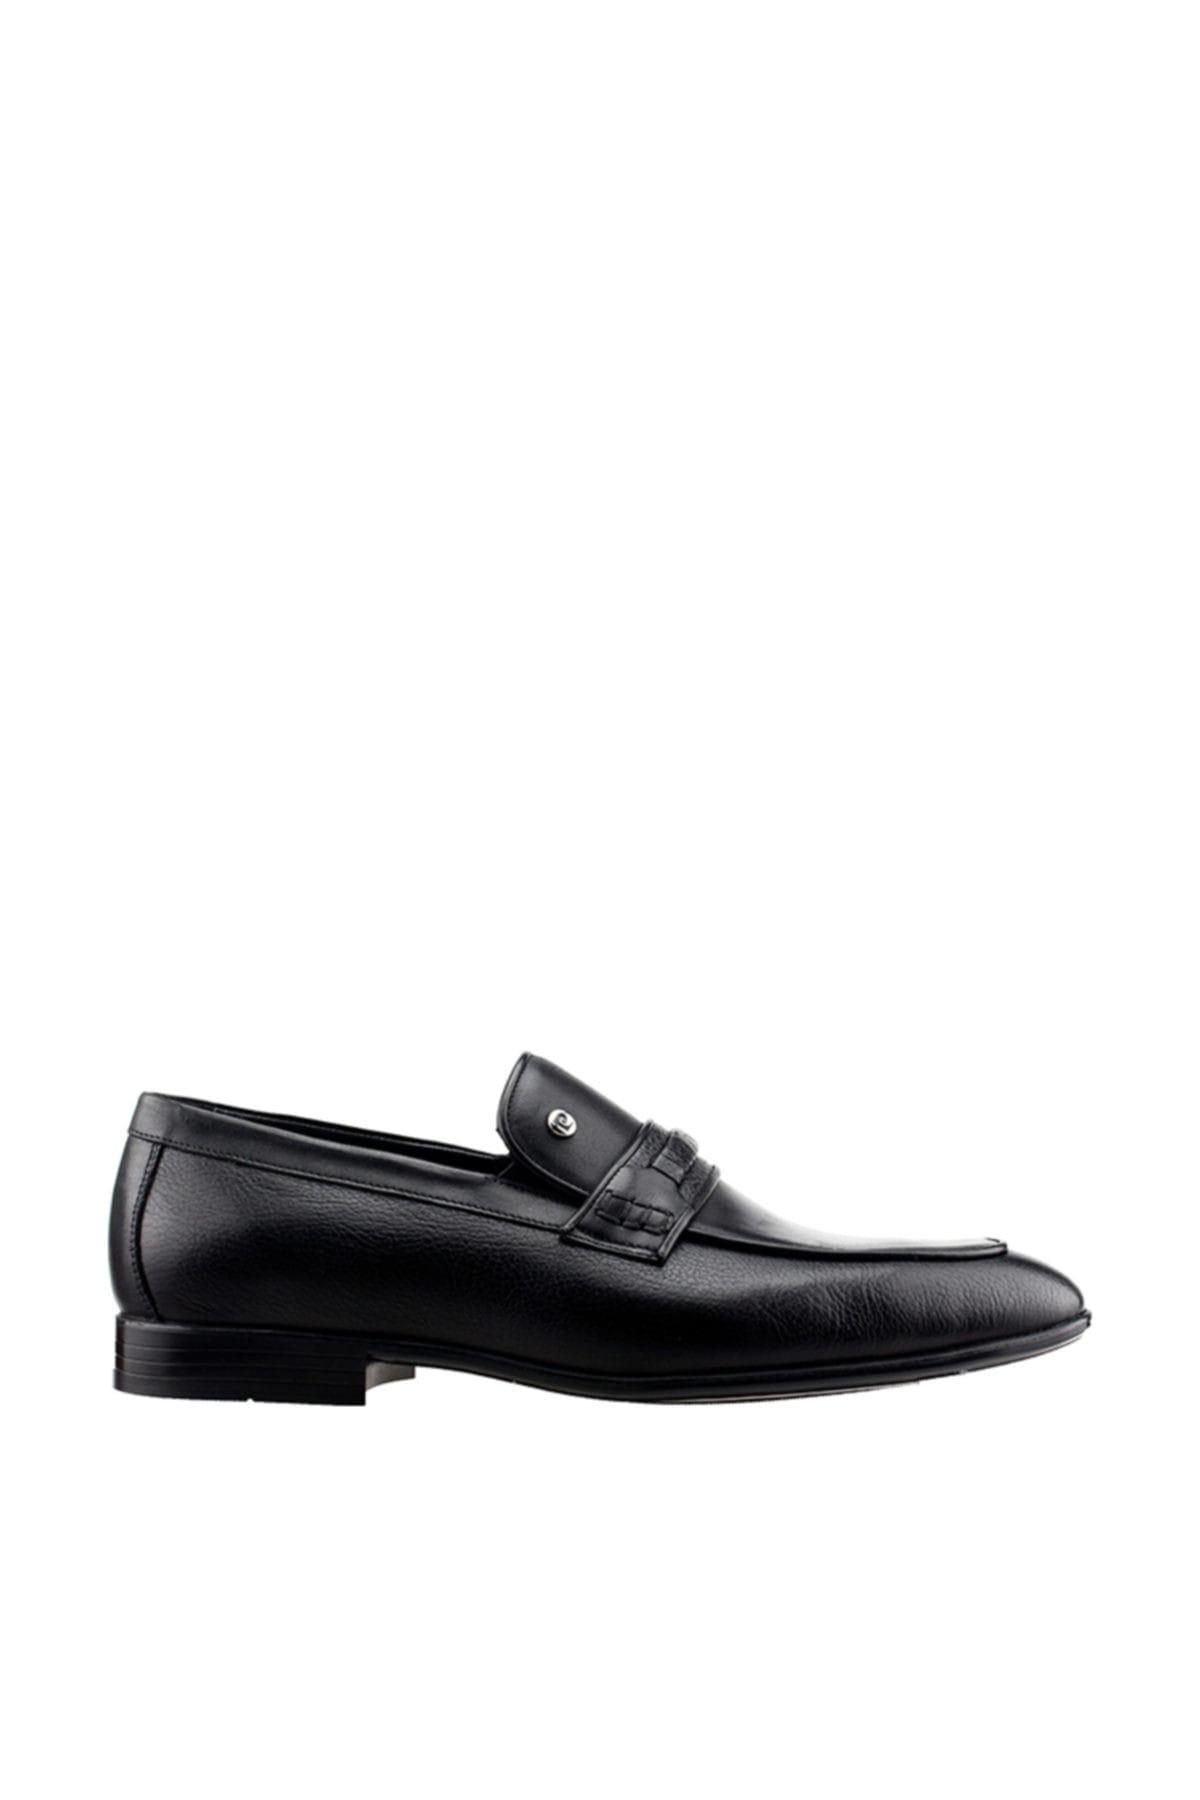 Pierre Cardin Siyah Erkek Oxford Ayakkabı 19YAYPCAR000003 1